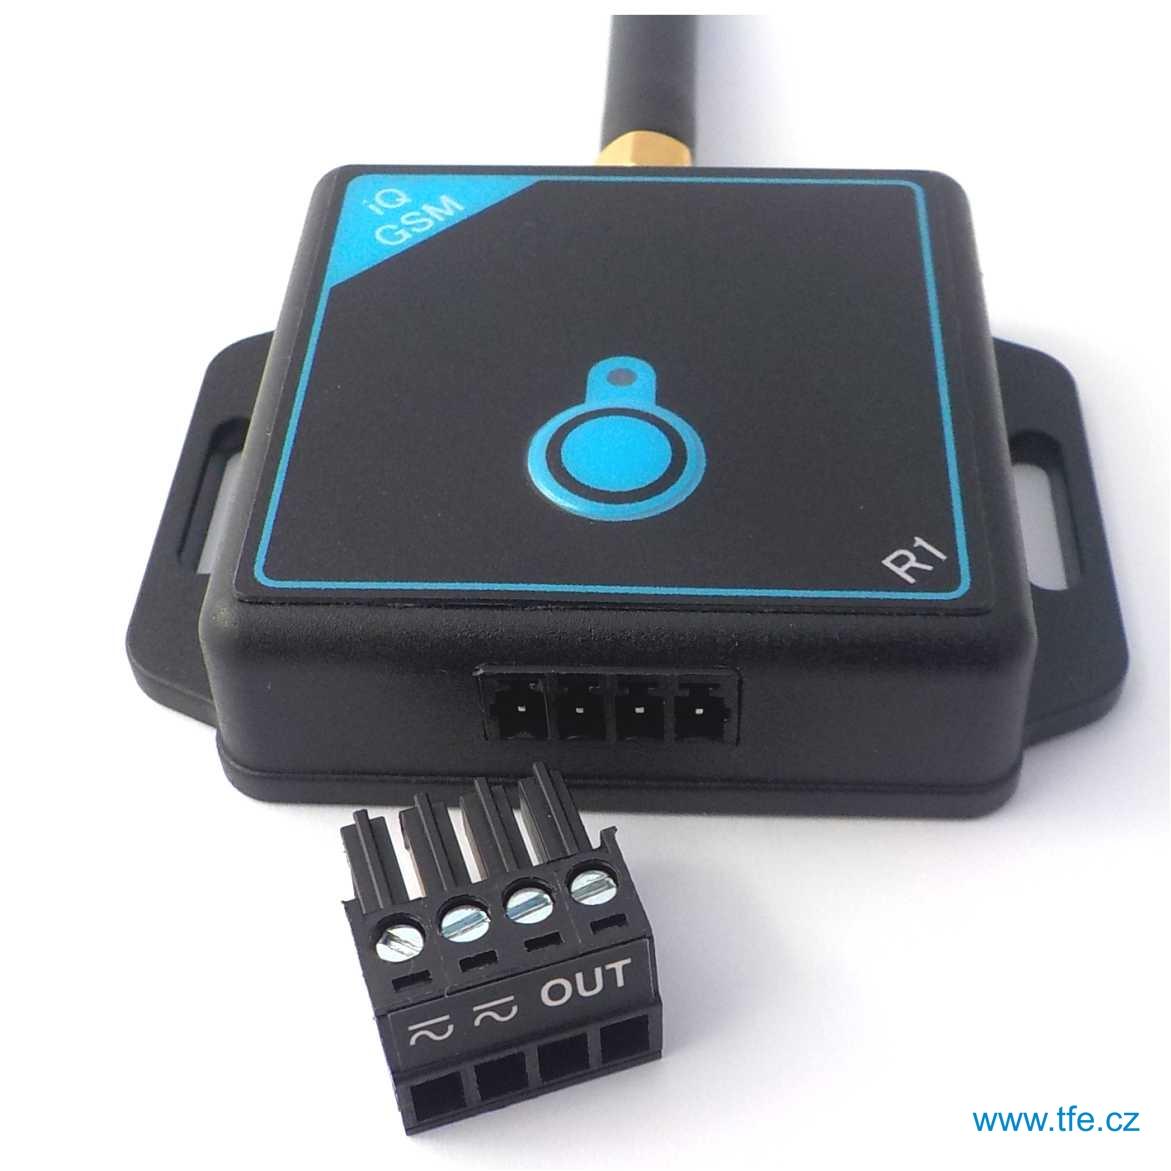 GSM klíč iQGSM-R1 pro 1000 uživatelů